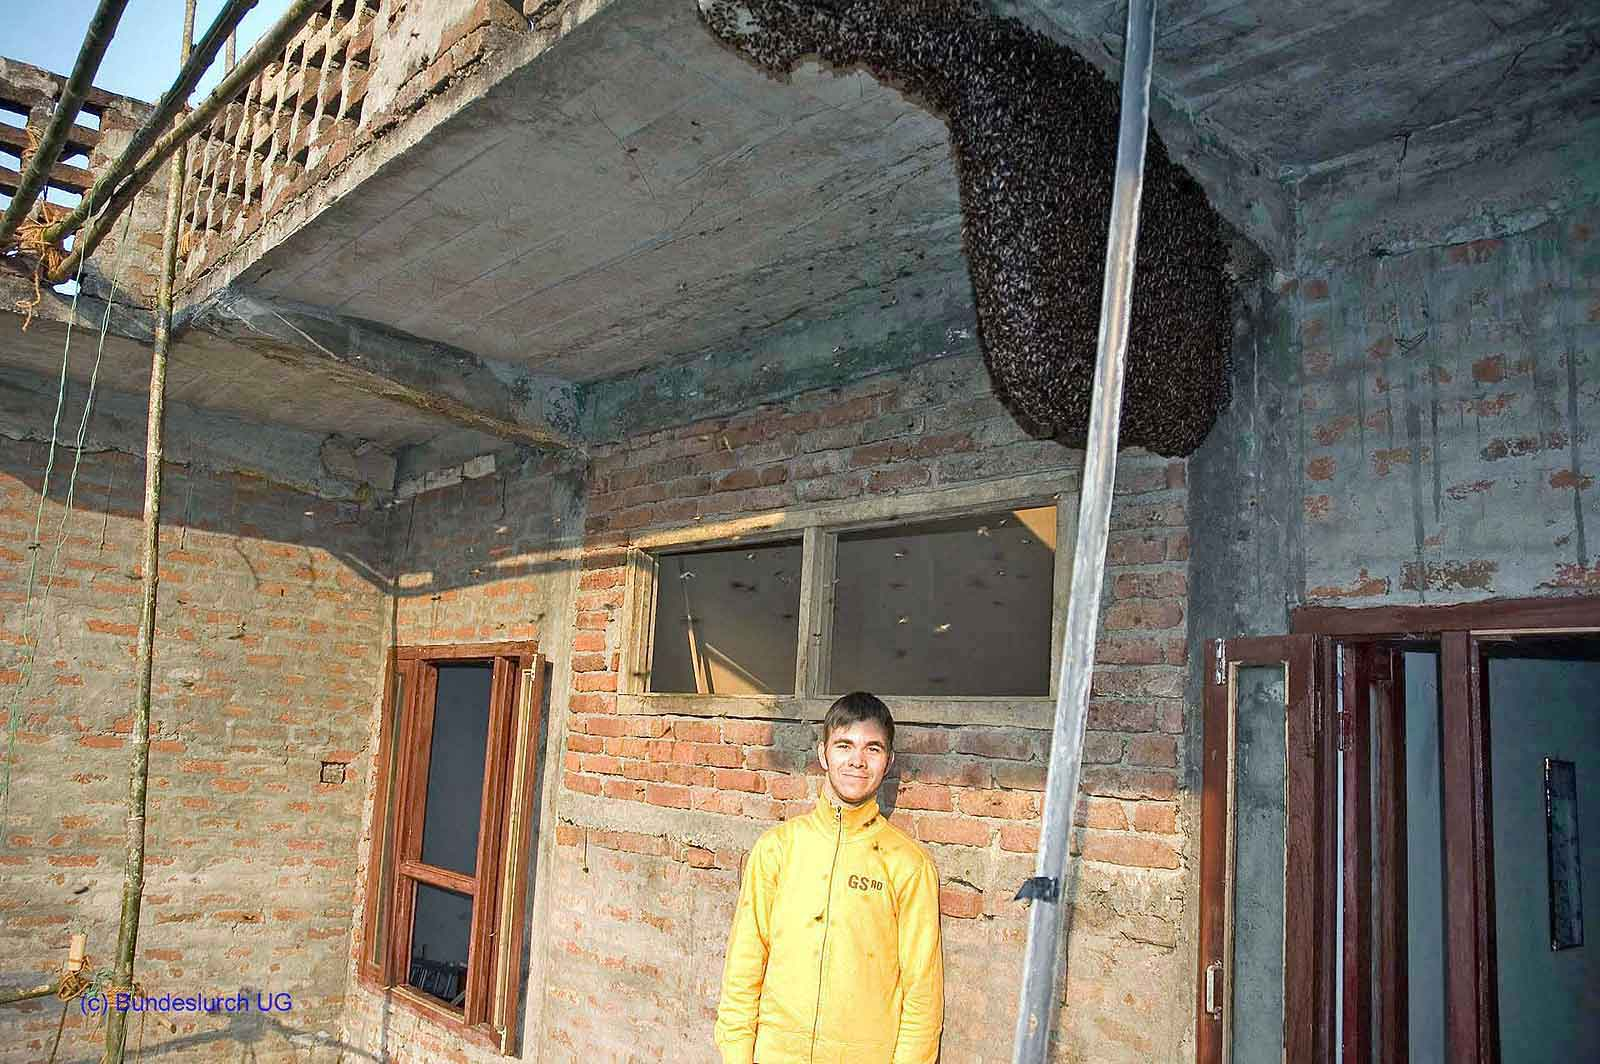 Michael Mauer unterhalb einer Kolonie Riesenhonigbienen im Chitwan Nationalpark in Nepal. (Foto: Klaus Maresch)